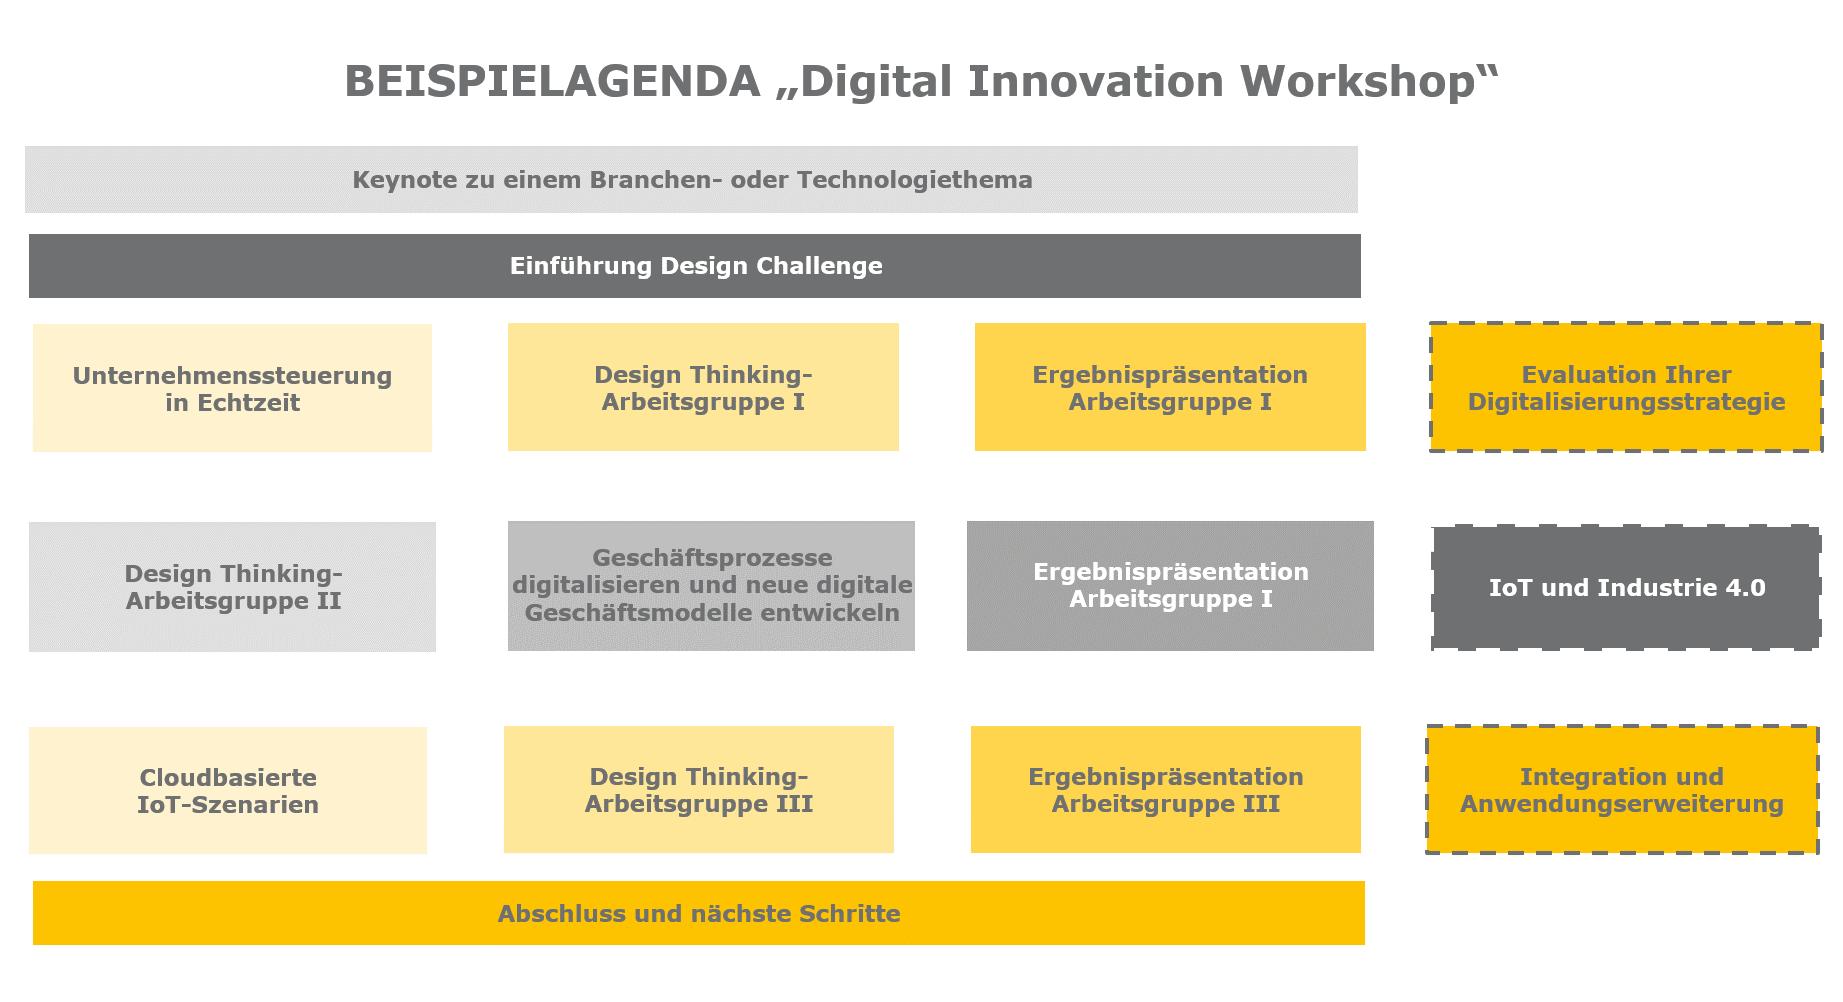 Strategieworkshop: Wie sieht Ihr Weg in die Digitalisierung aus?